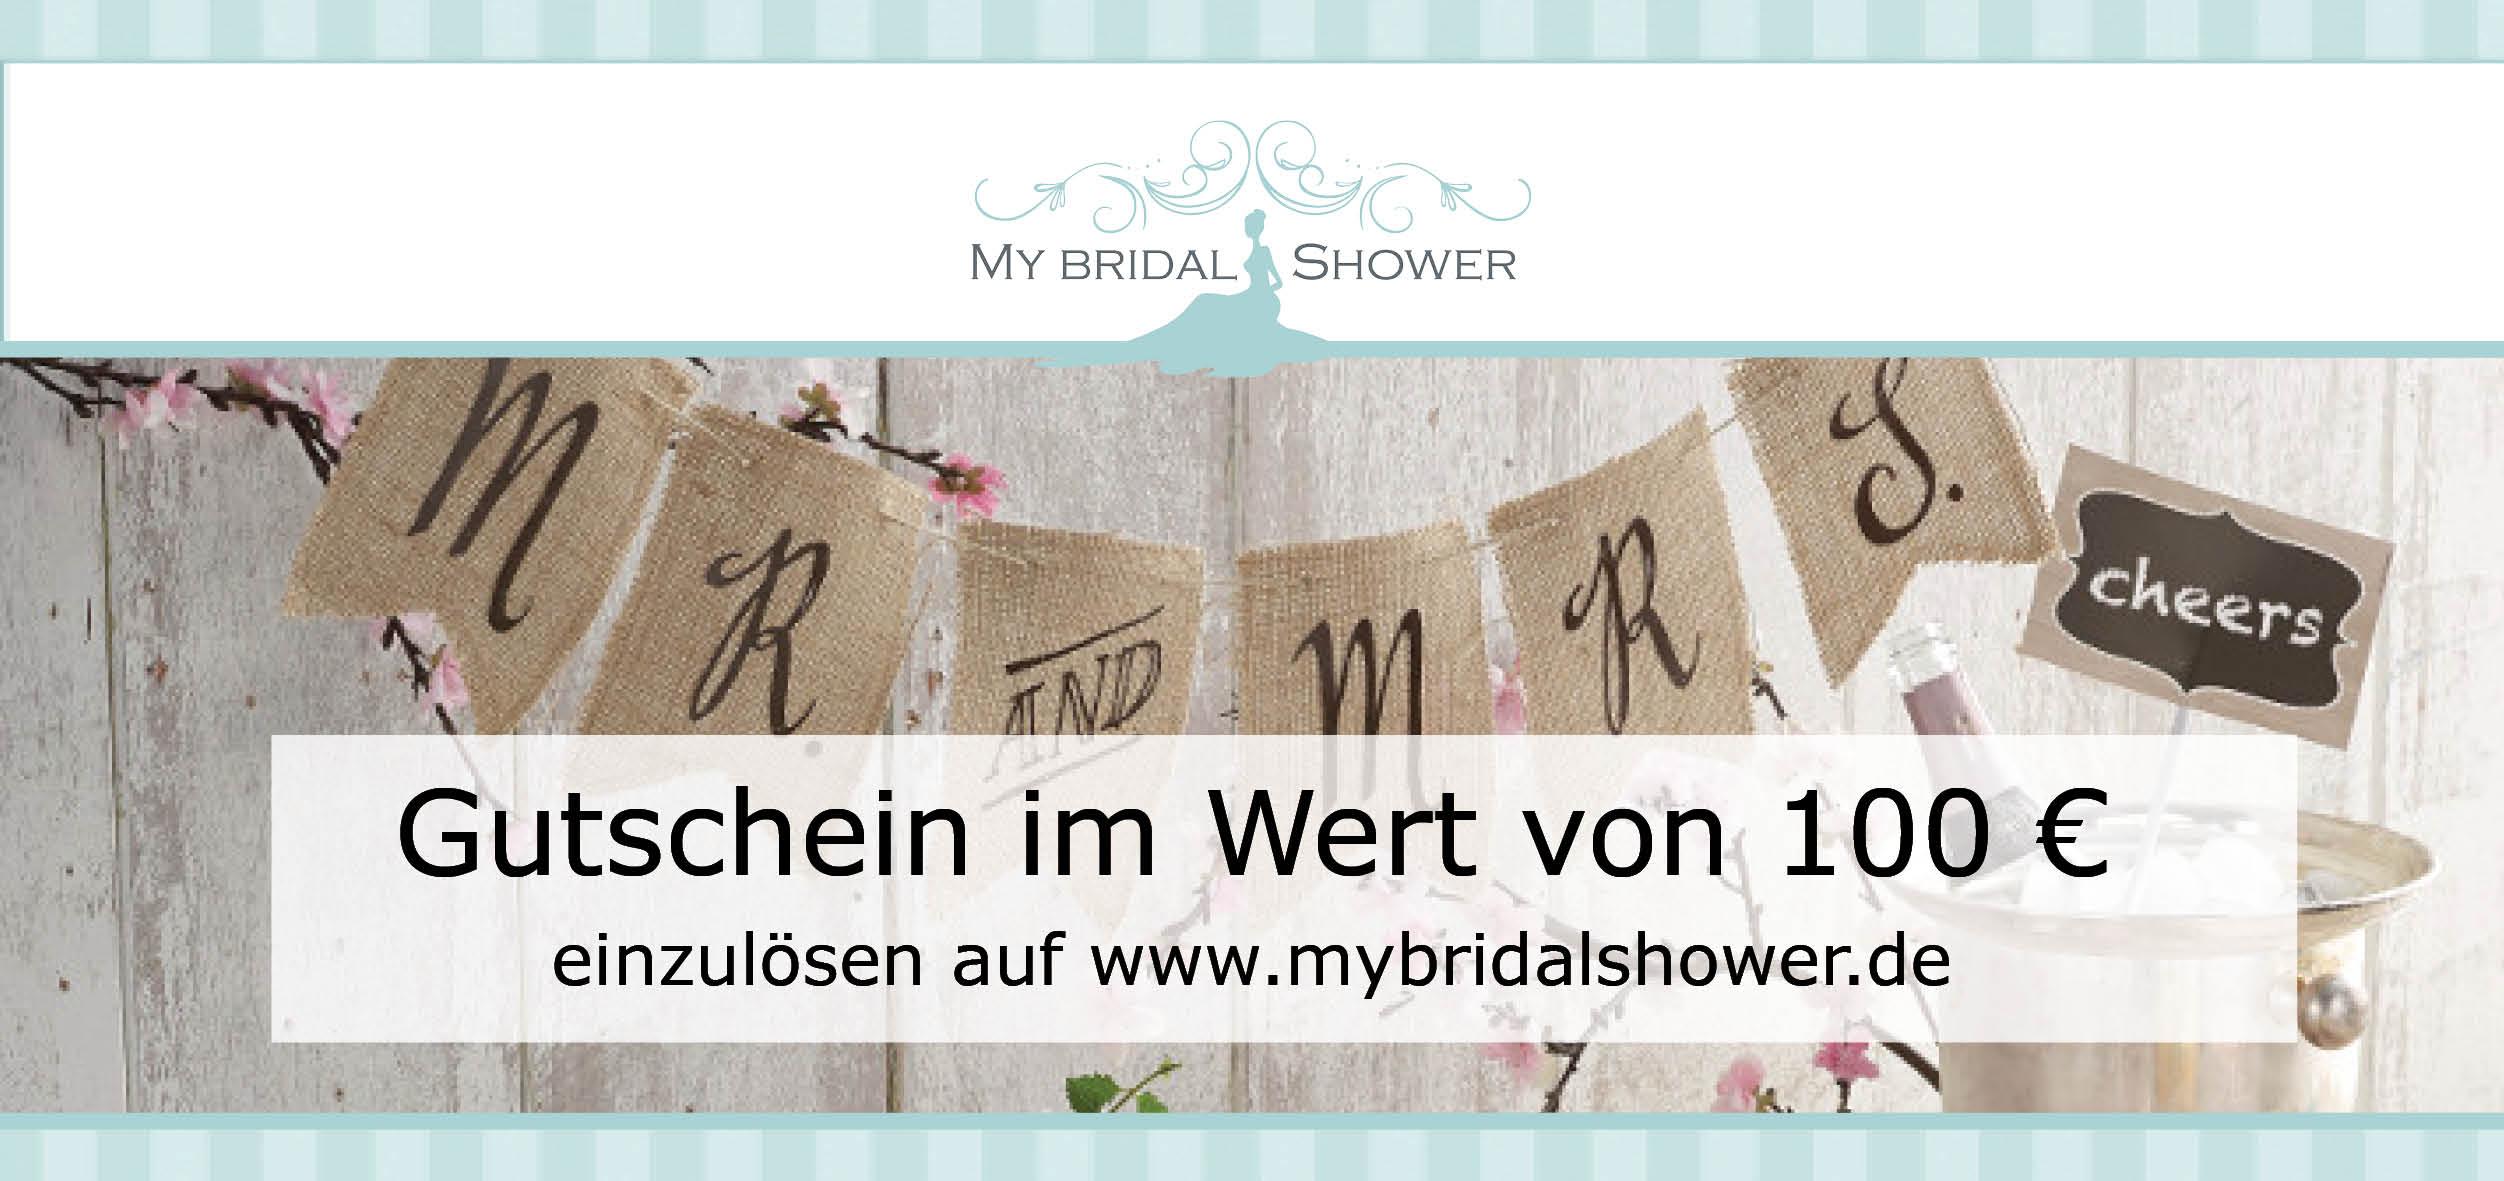 Gewinnspiel-Gutschein MBS 100€ Little Wedding Corner